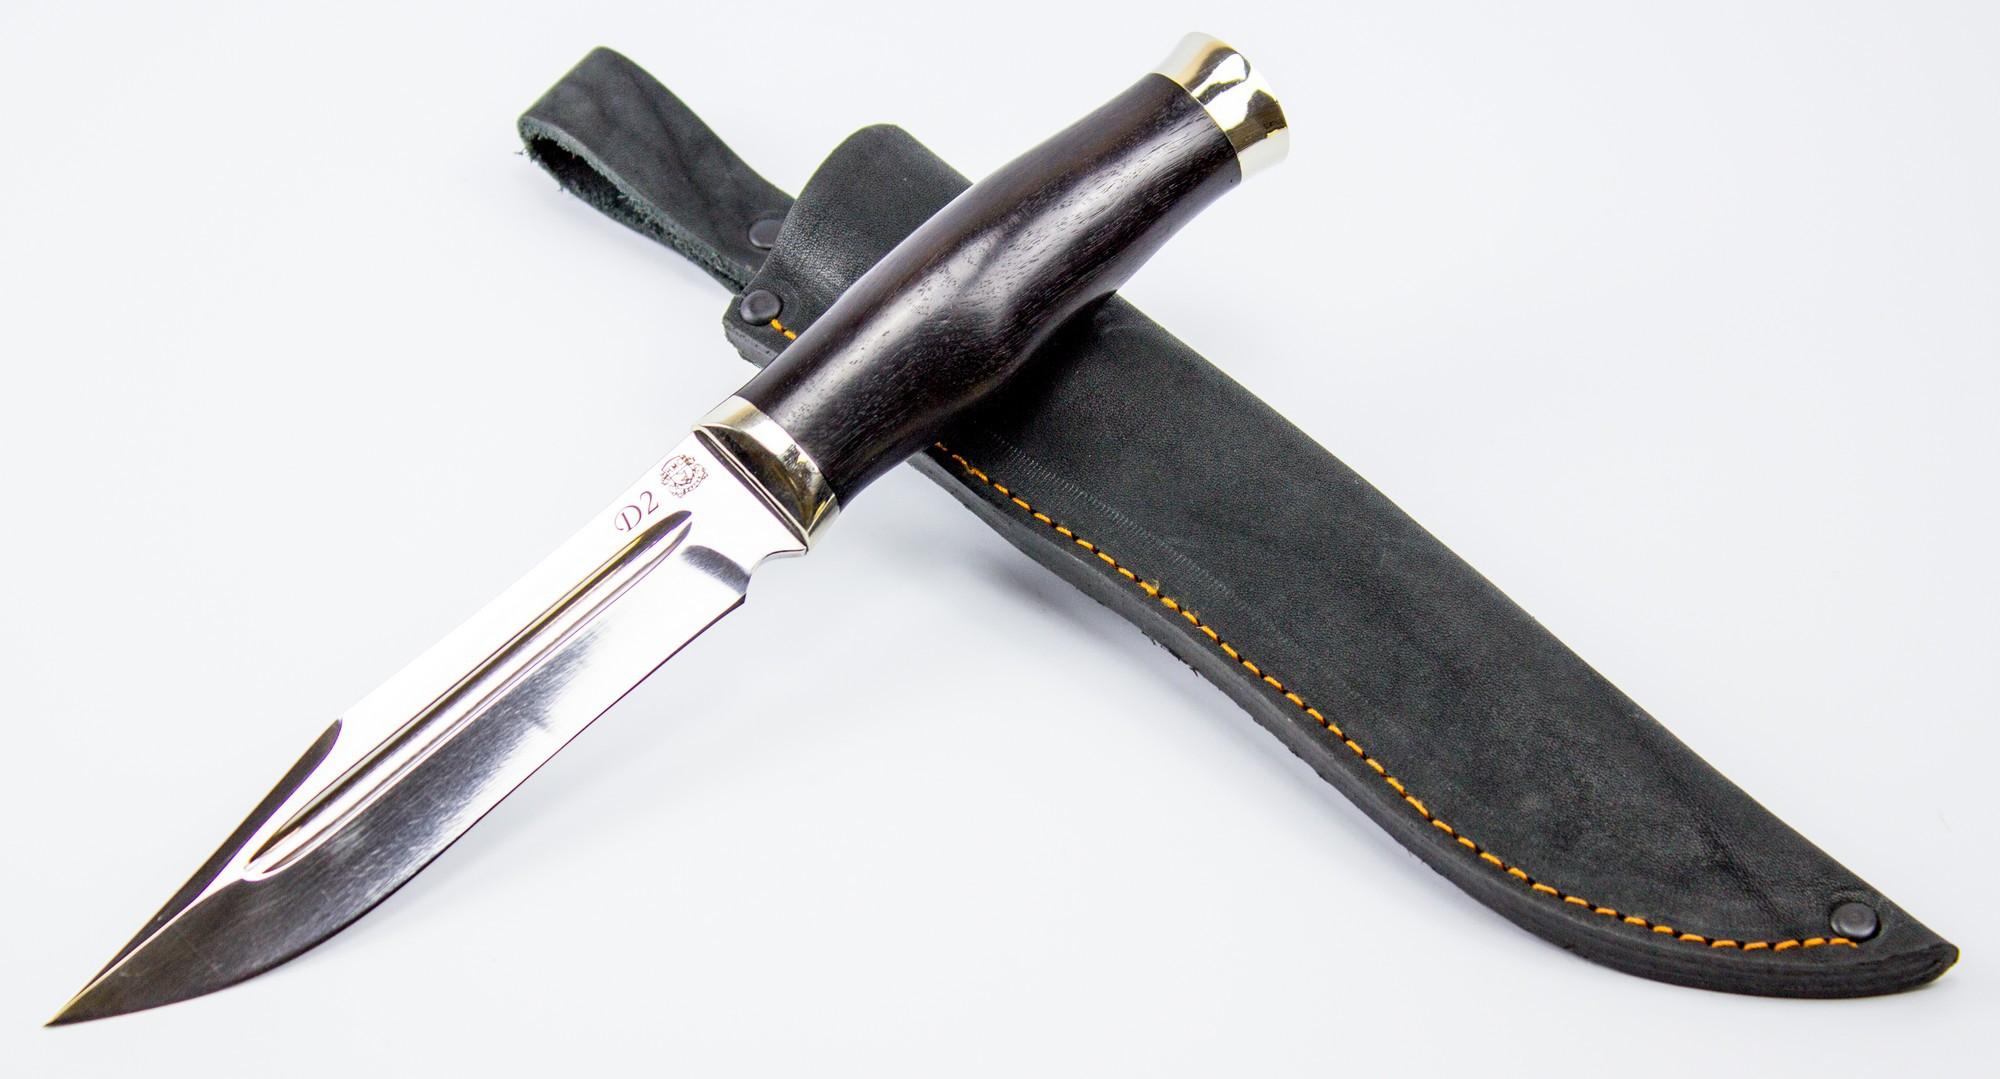 Фото 3 - Военный нож Смерч, D2 от Мастерская Сковородихина